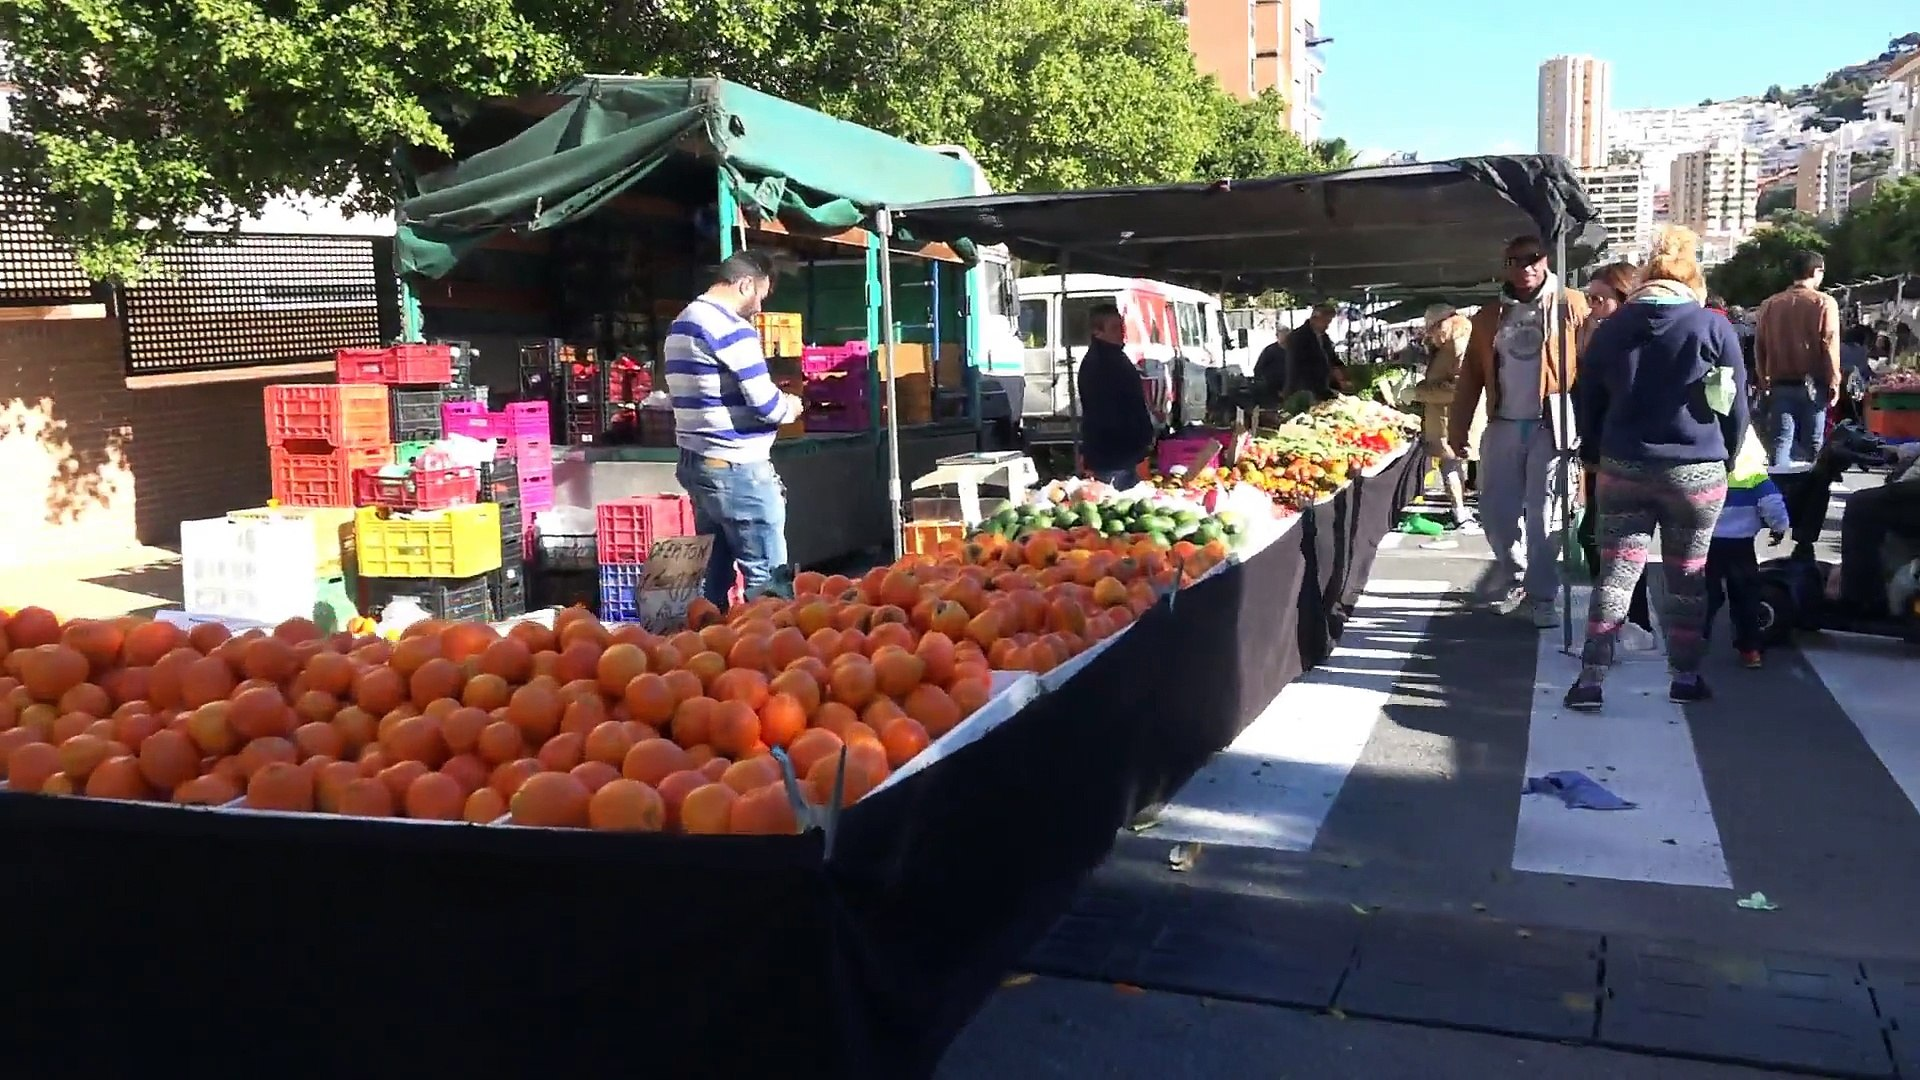 Цены на фрукты и овощи на рынке в Испании, в январе 2016